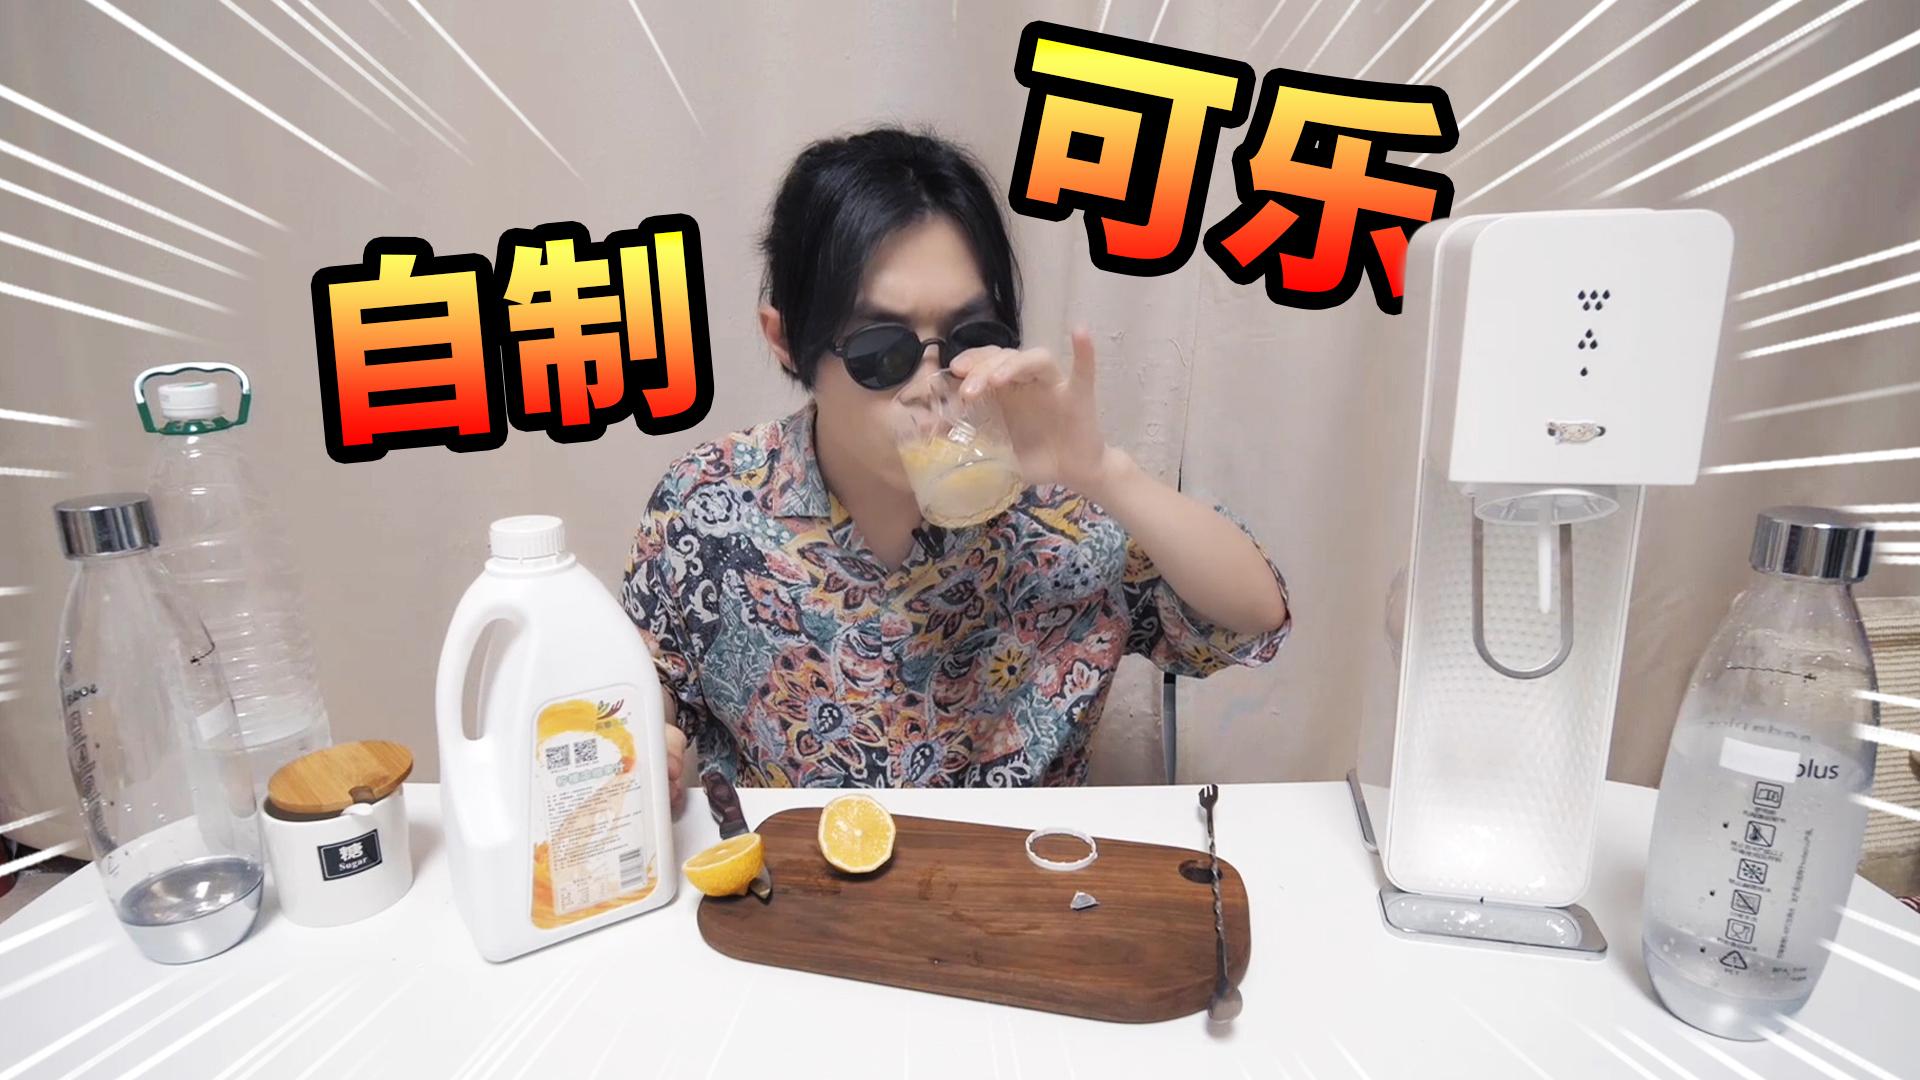 """花299元买""""气泡机""""自制的可乐?"""